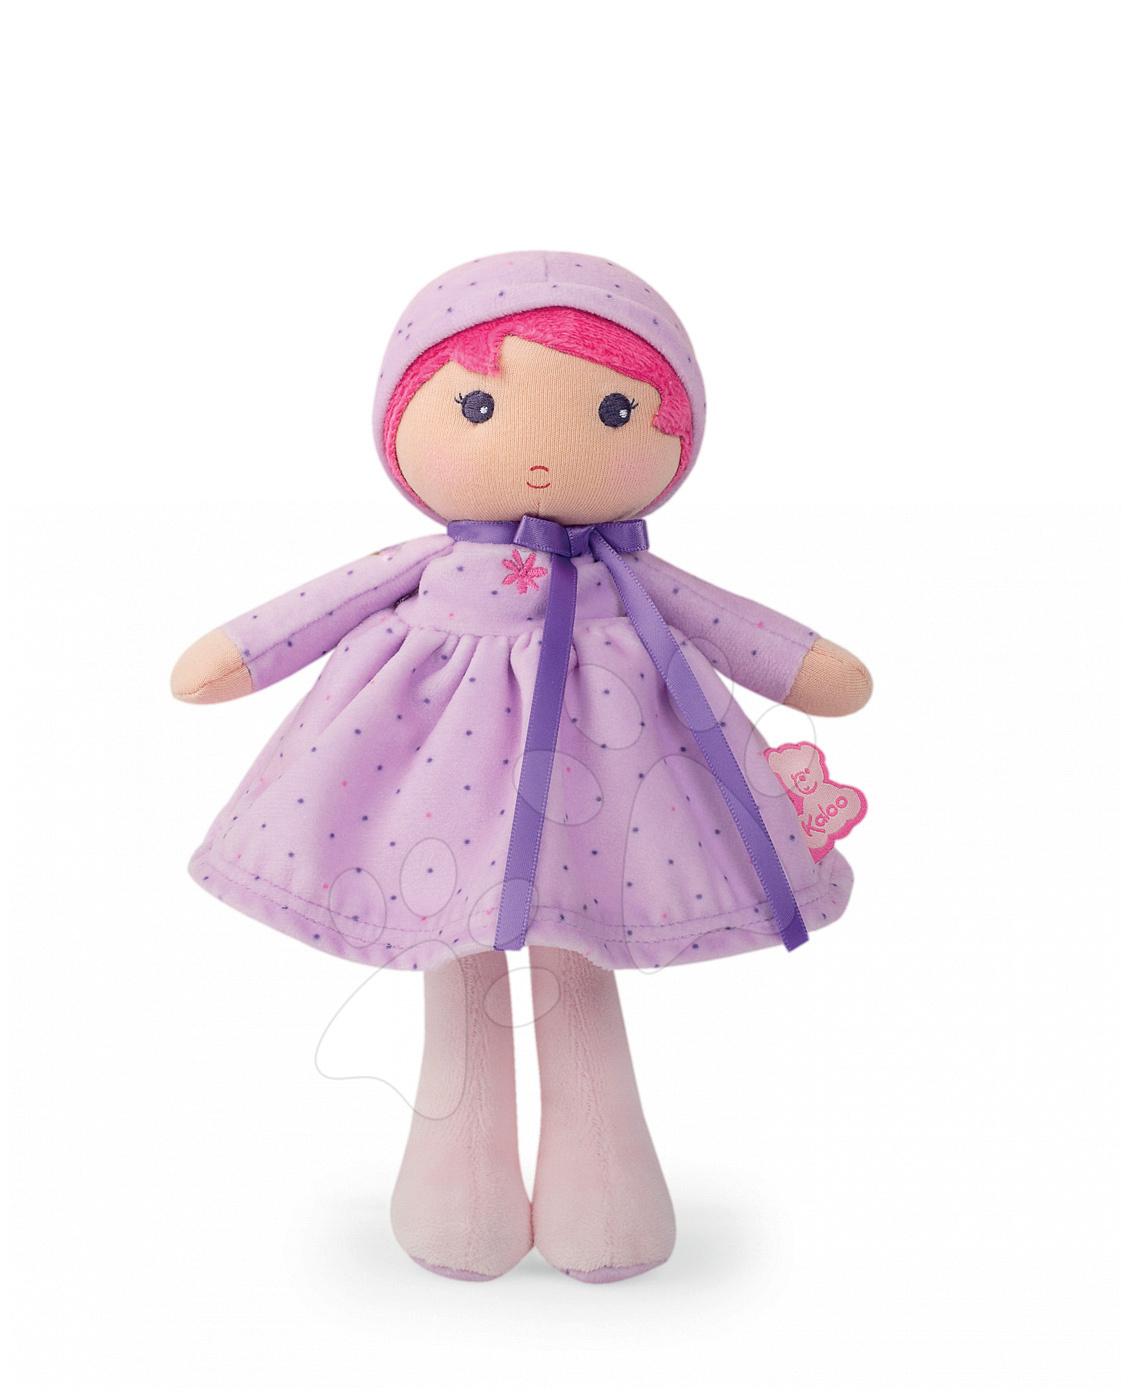 Bábika pre bábätká Lise K Tendresse Kaloo v bodkovaných šatách z jemného textilu v darčekovom balení 25 cm